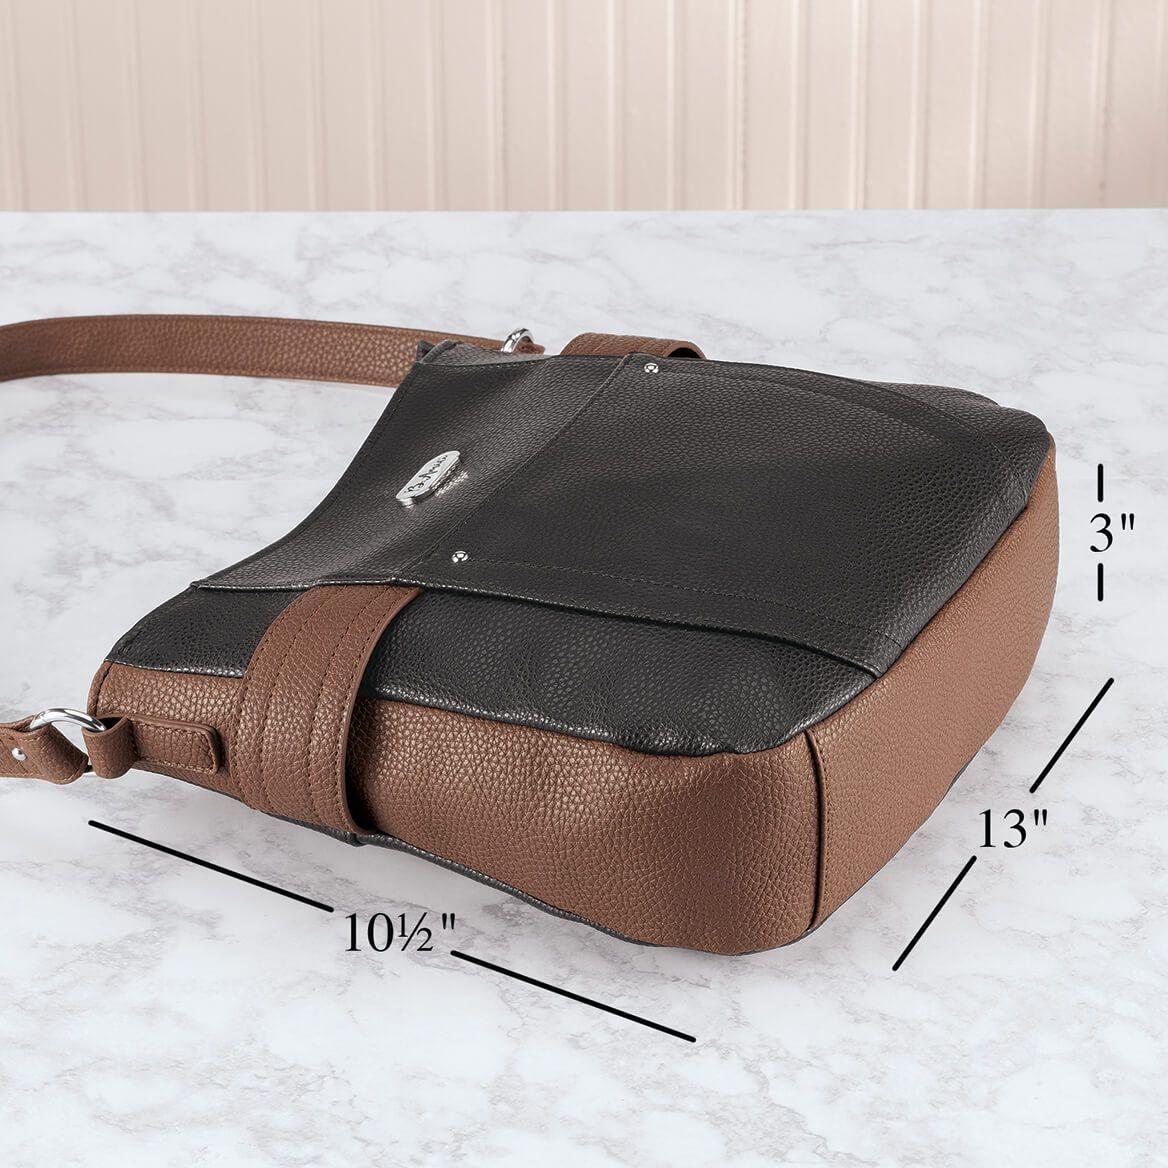 B.Amici™ Emily RFID Essential Leather Shoulder Bag-367450